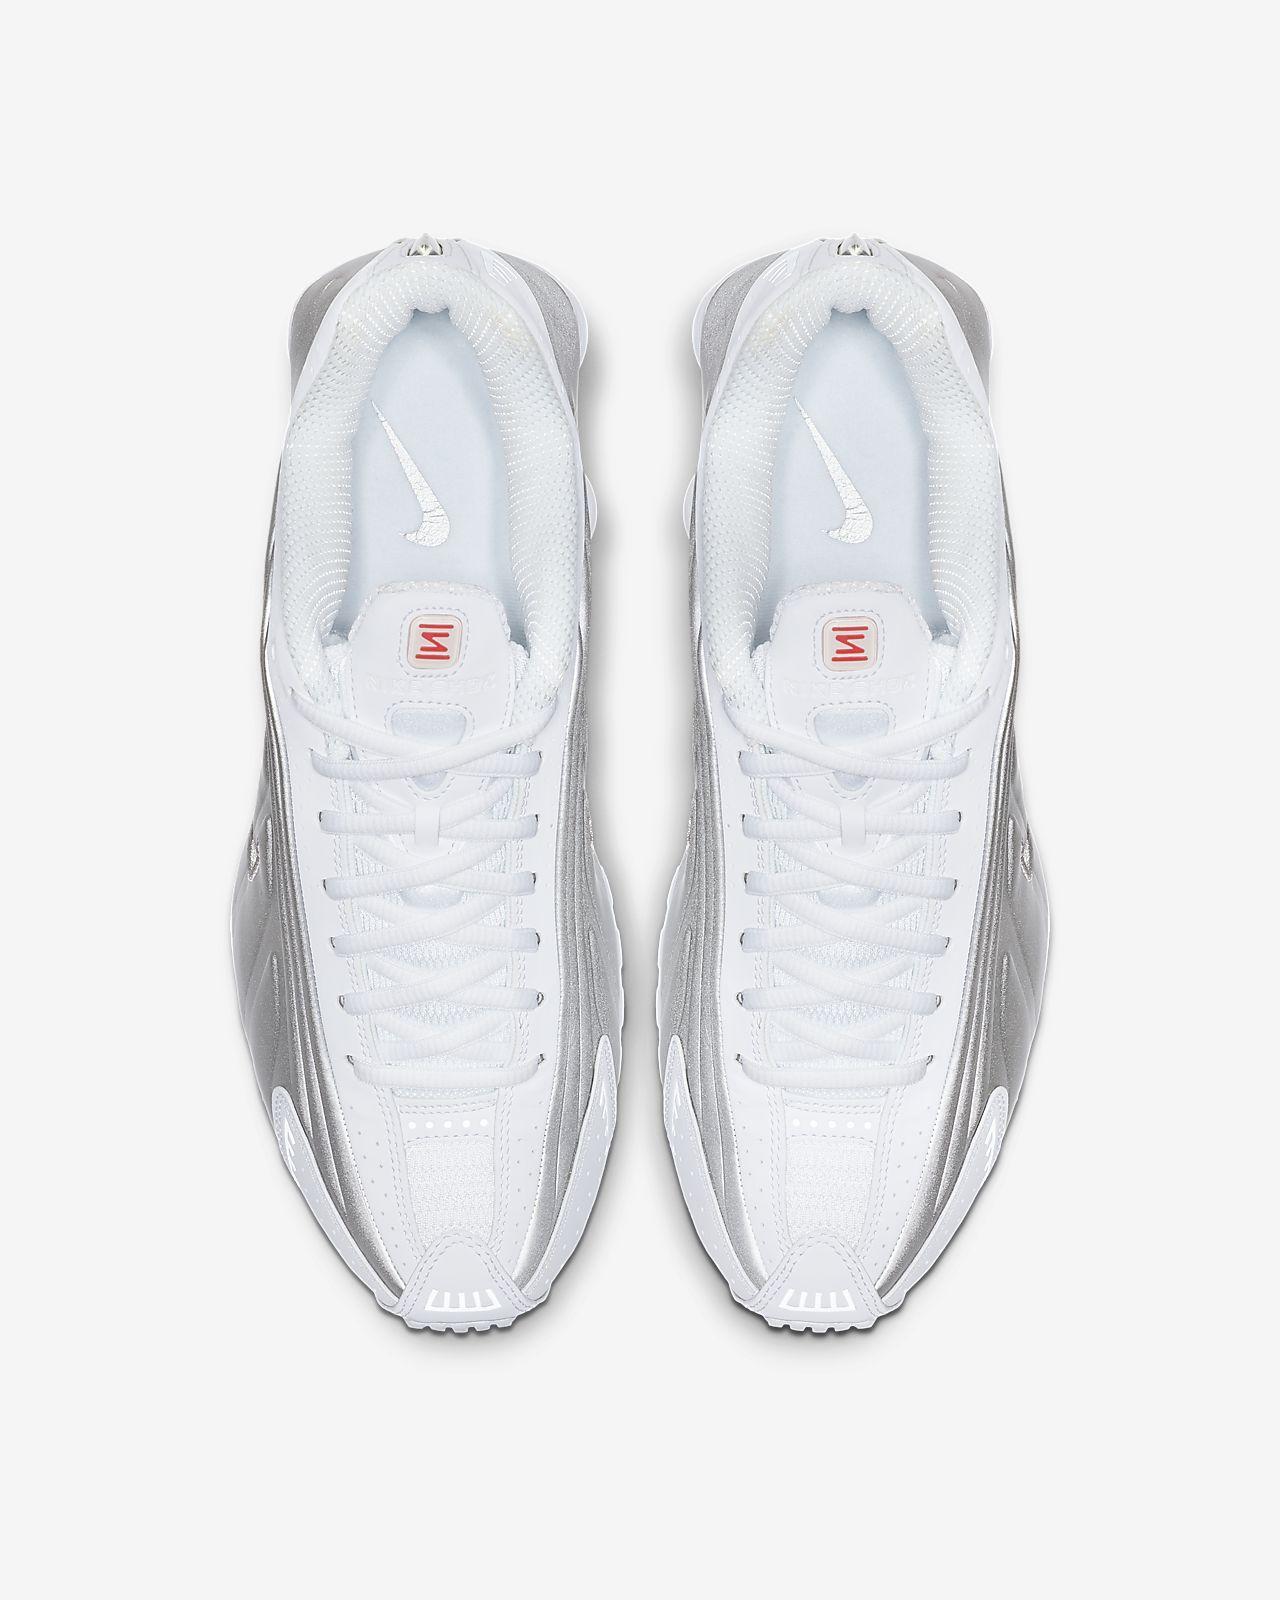 64b2ecd7821 Nike Shox R4 Men s Shoe. Nike.com